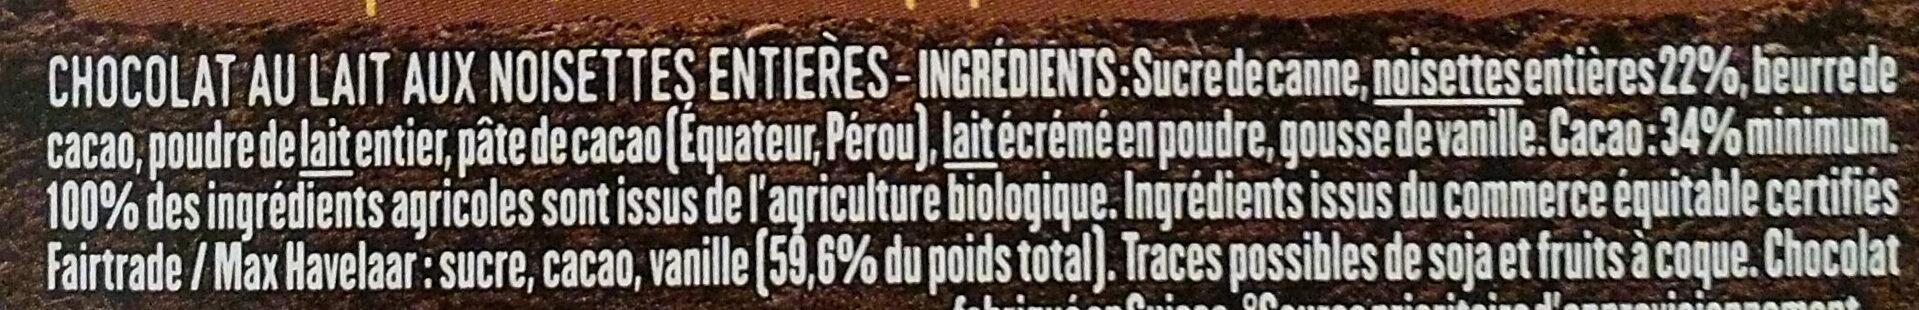 Lait noisettes entières - Ingredients